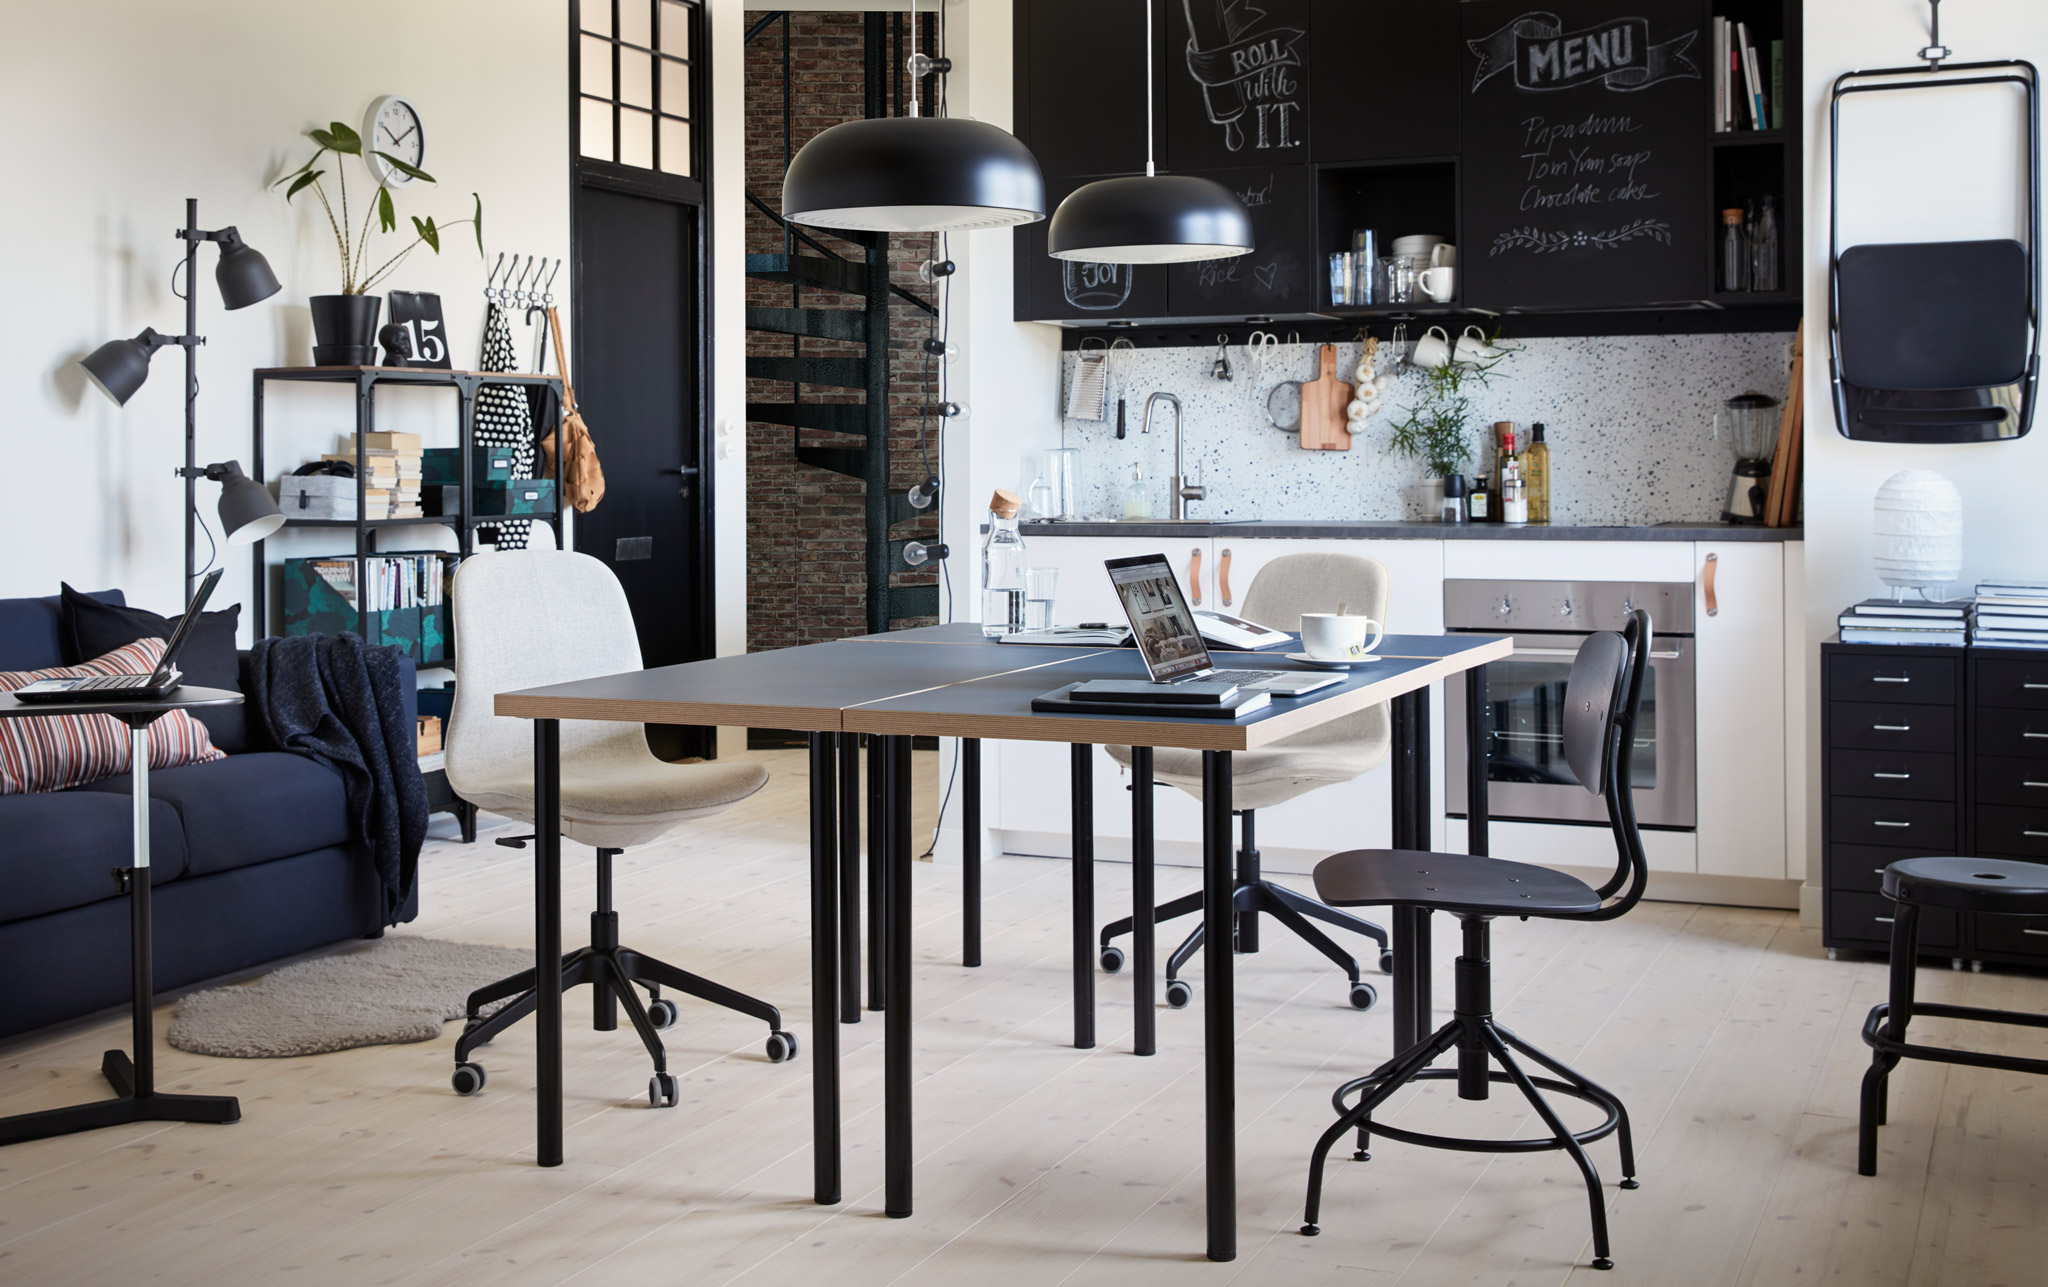 Ikea Organizzazione Ufficio : Ufficio in casa smart e in ordine soluzioni di casa